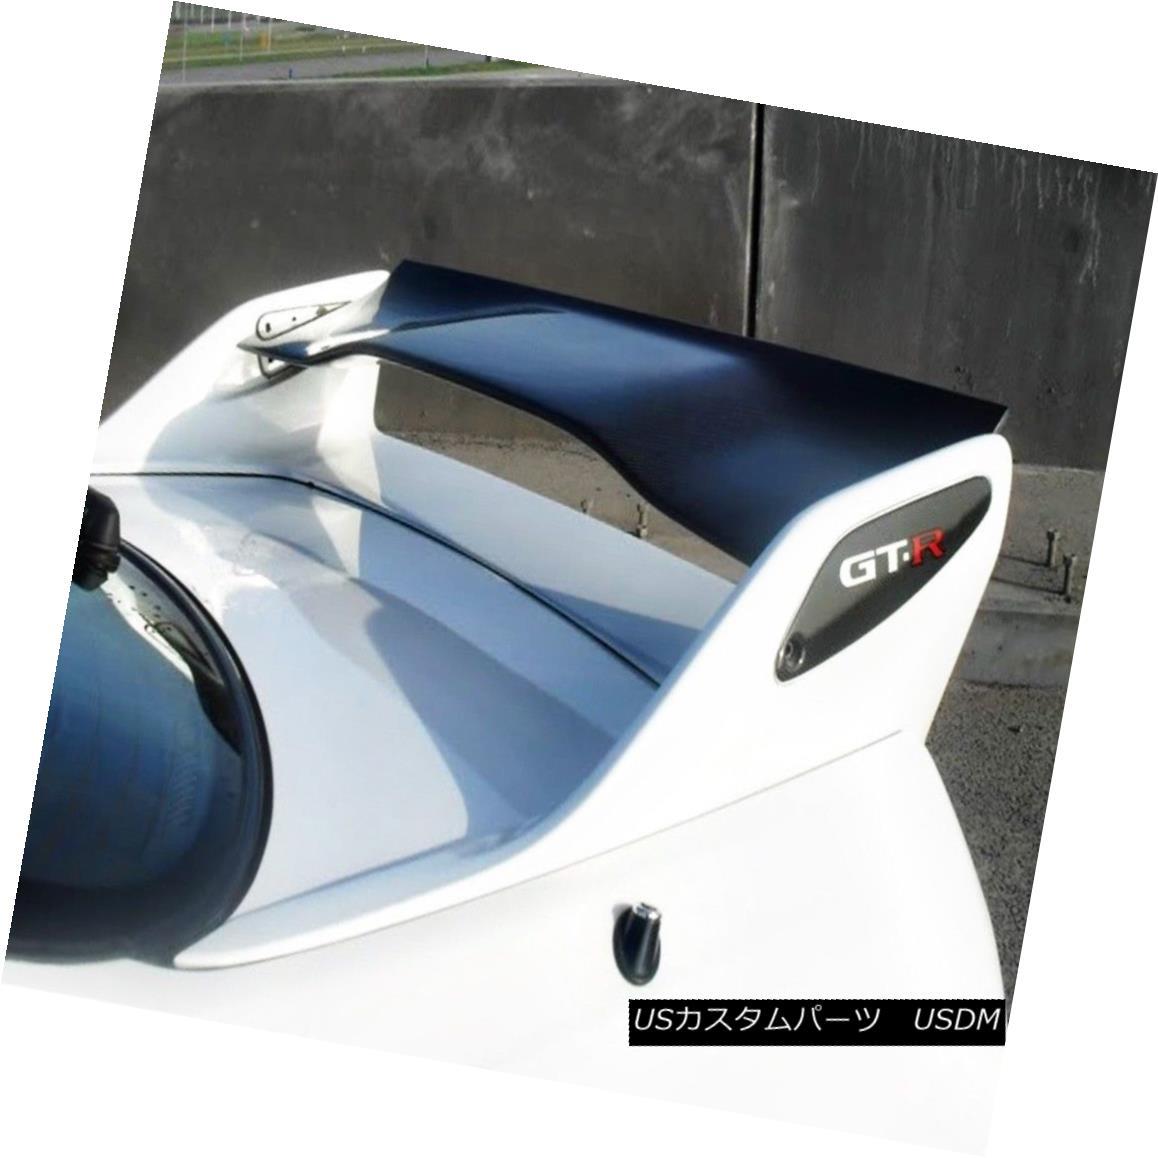 エアロパーツ For Nissan Skyline R33 GTR Carbon Fiber AS Style Shibi Devil Spoiler Wing Blade 日産スカイラインR33 GTRカーボンファイバーASスタイルShibi Devil Spoiler Wing Blade